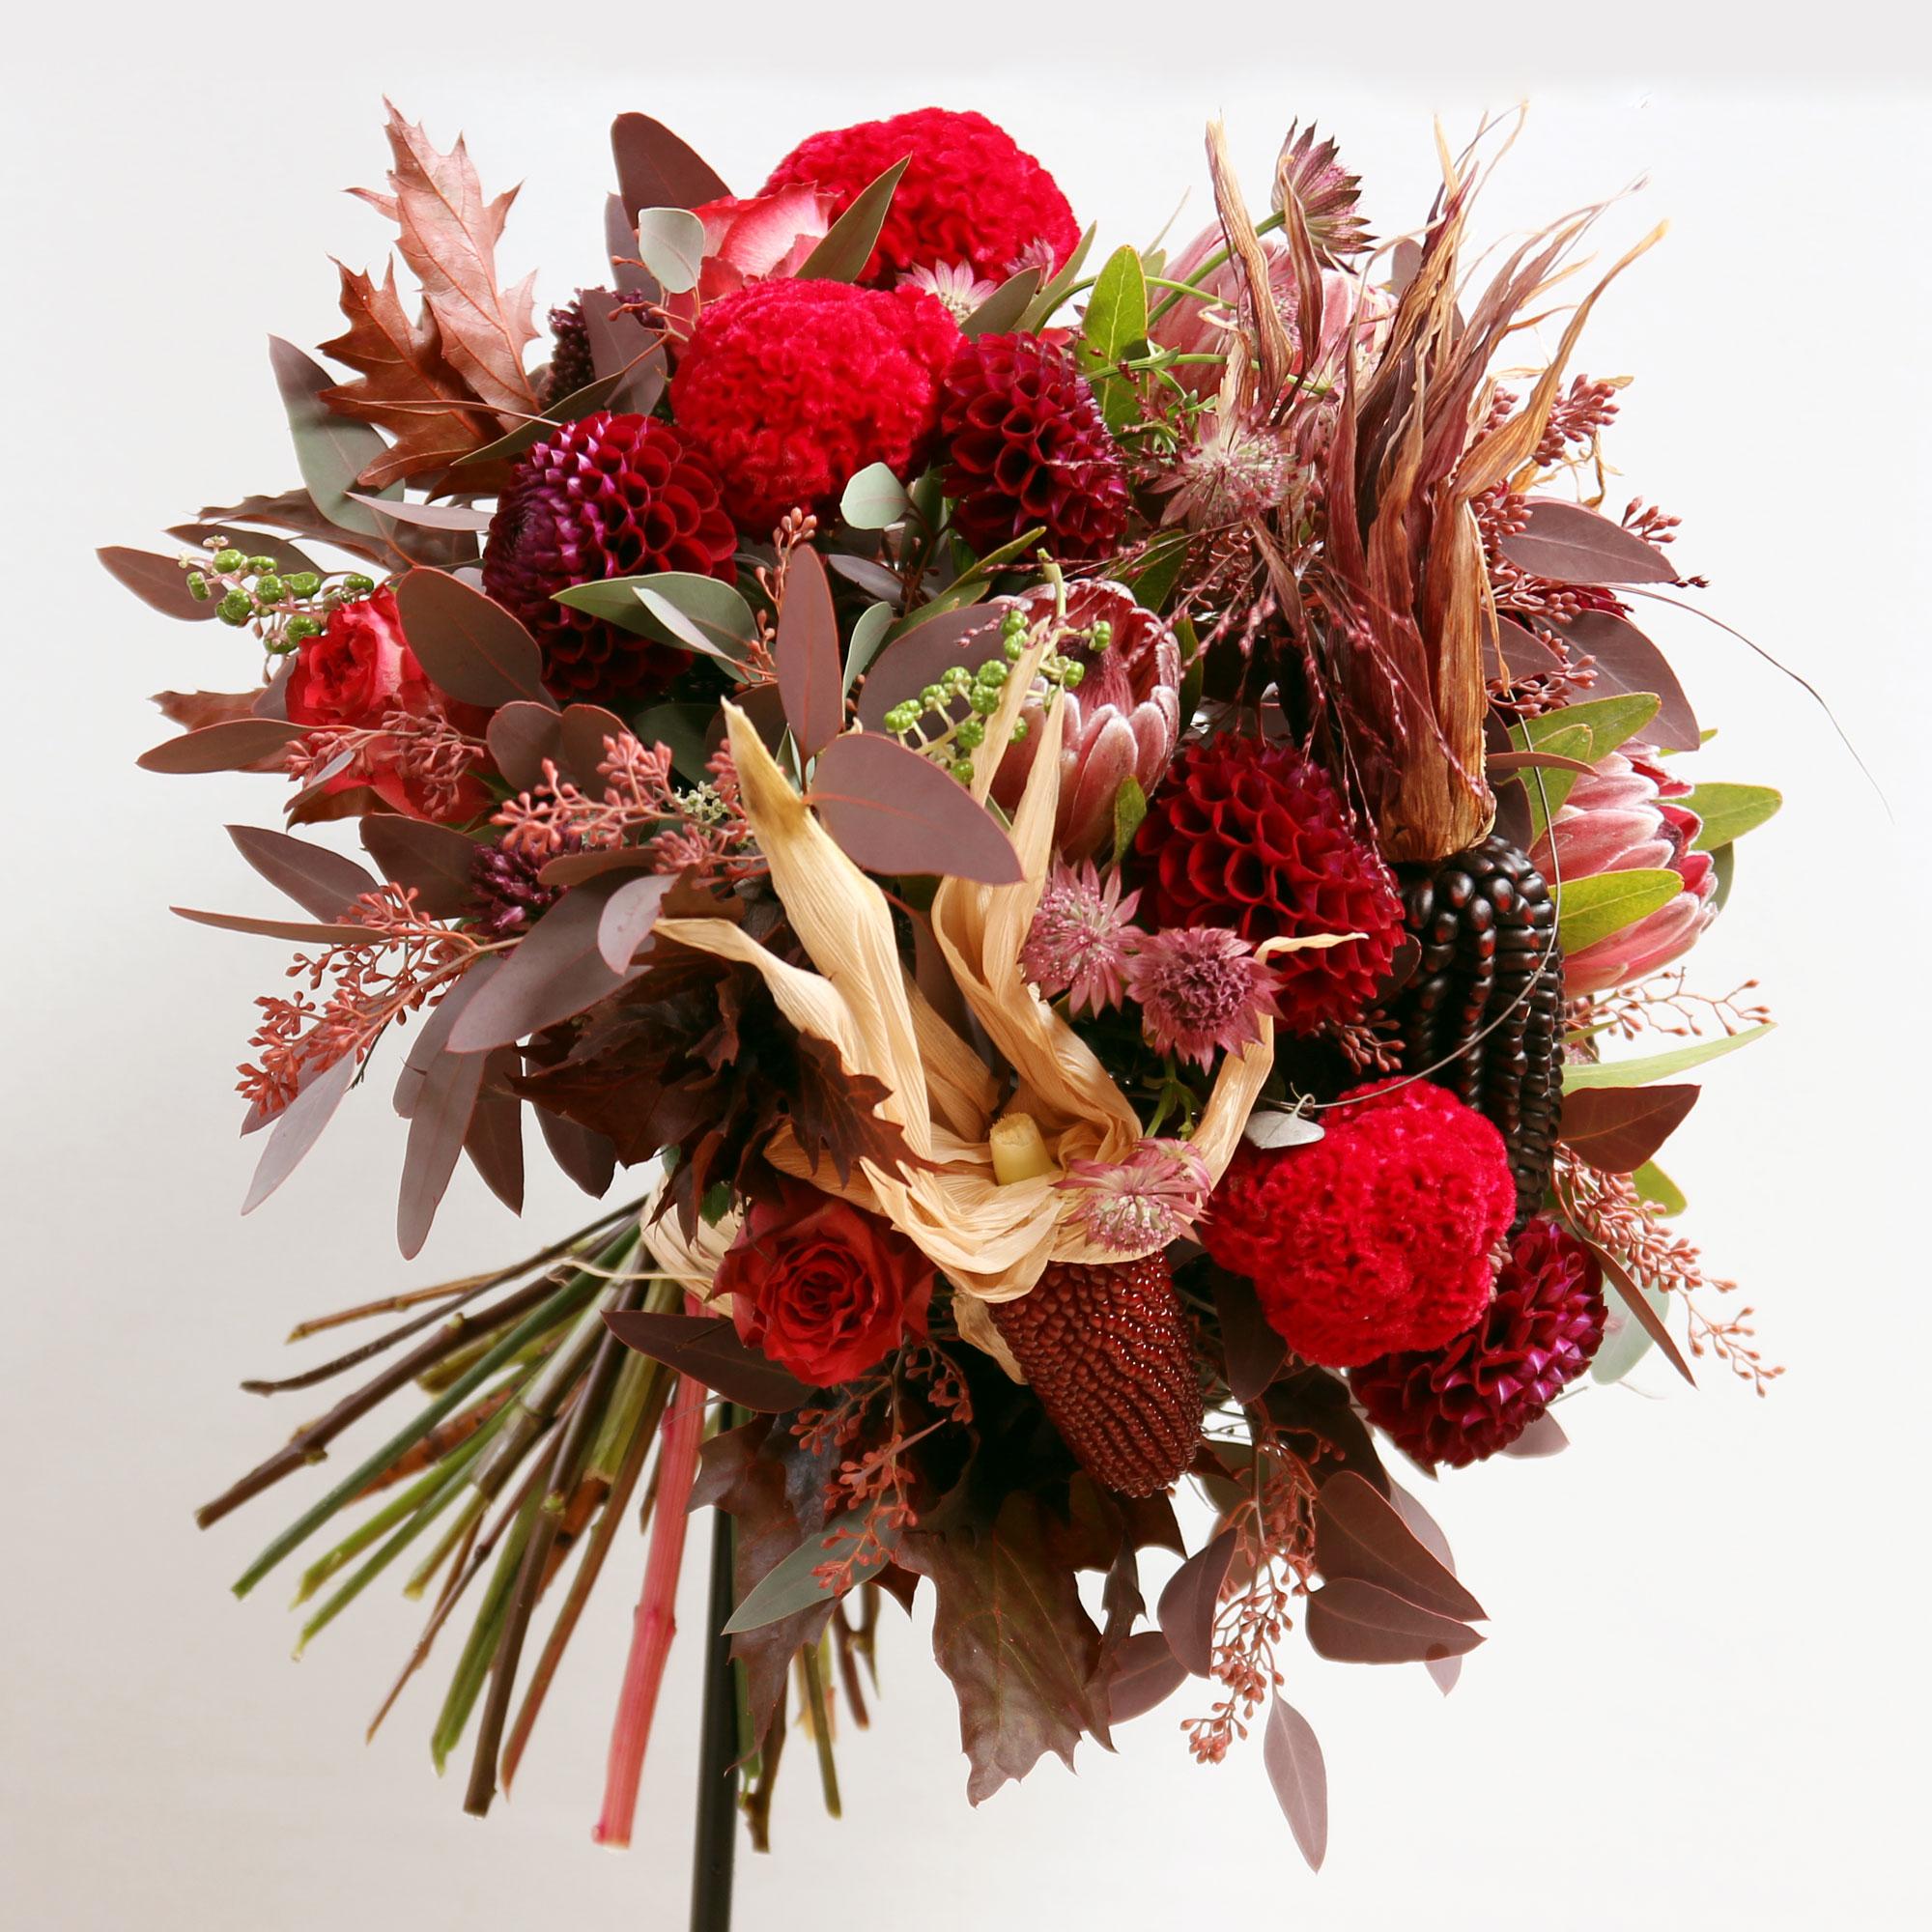 Bouquet composé de dalhias, de célosies crête de coq, de banksias, d'astrancias, d'eucalyptus, de roses et d'épis de maïs.